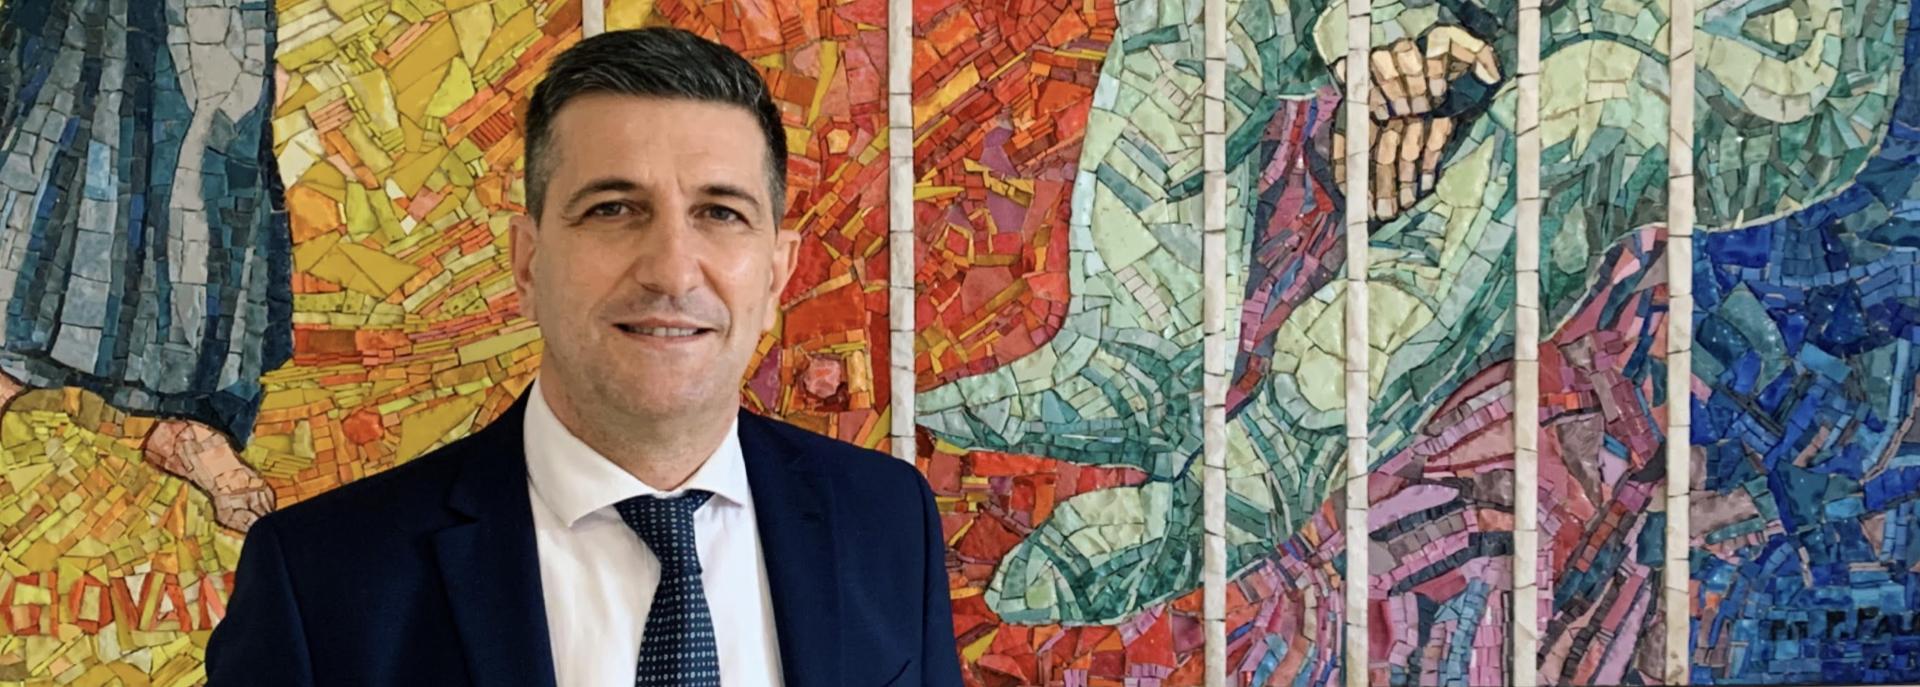 De Giorgi, il nuovo Direttore Risorse Umane della Provincia Lombardo Veneta: priorità d'azione e approccio al cambiamento